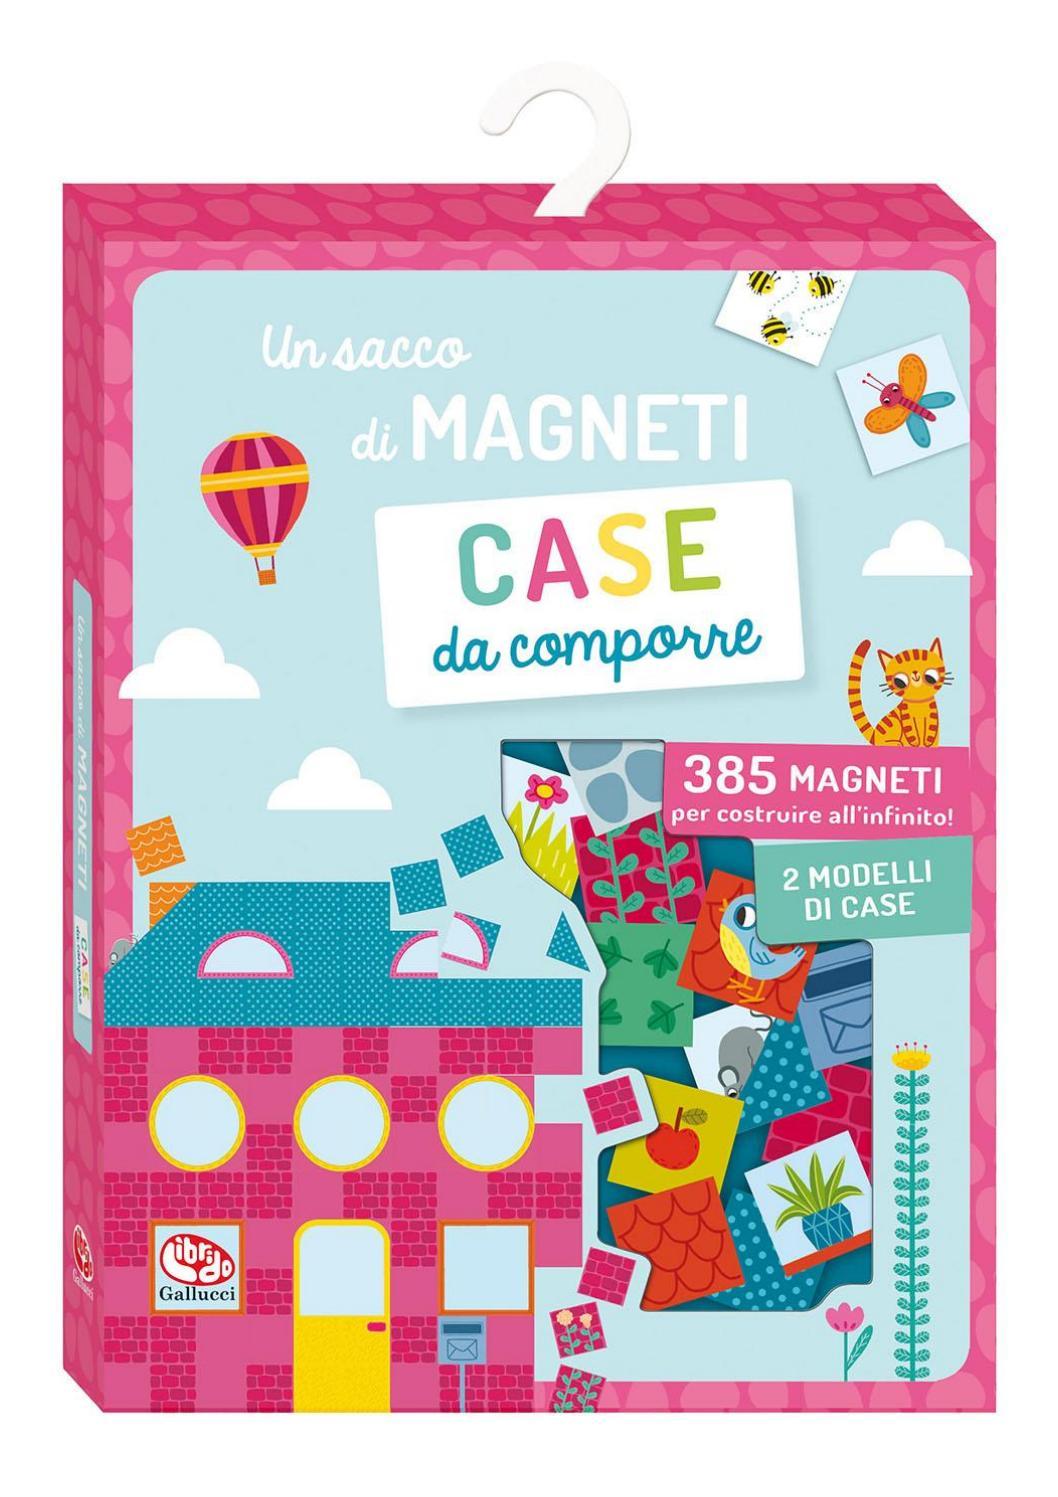 Modelli Di Case Da Costruire un sacco di magneti. case da comporre by carlo gallucci